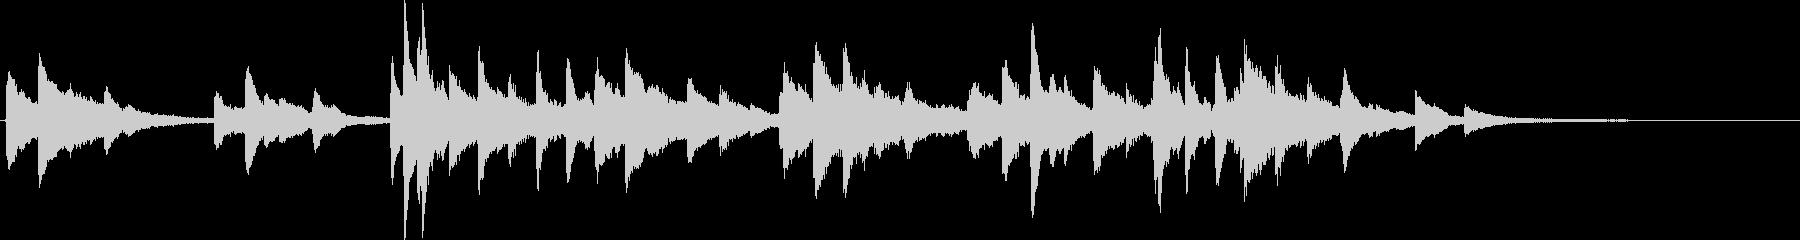 黄昏の色をピアノの音色で表現したジングルの未再生の波形